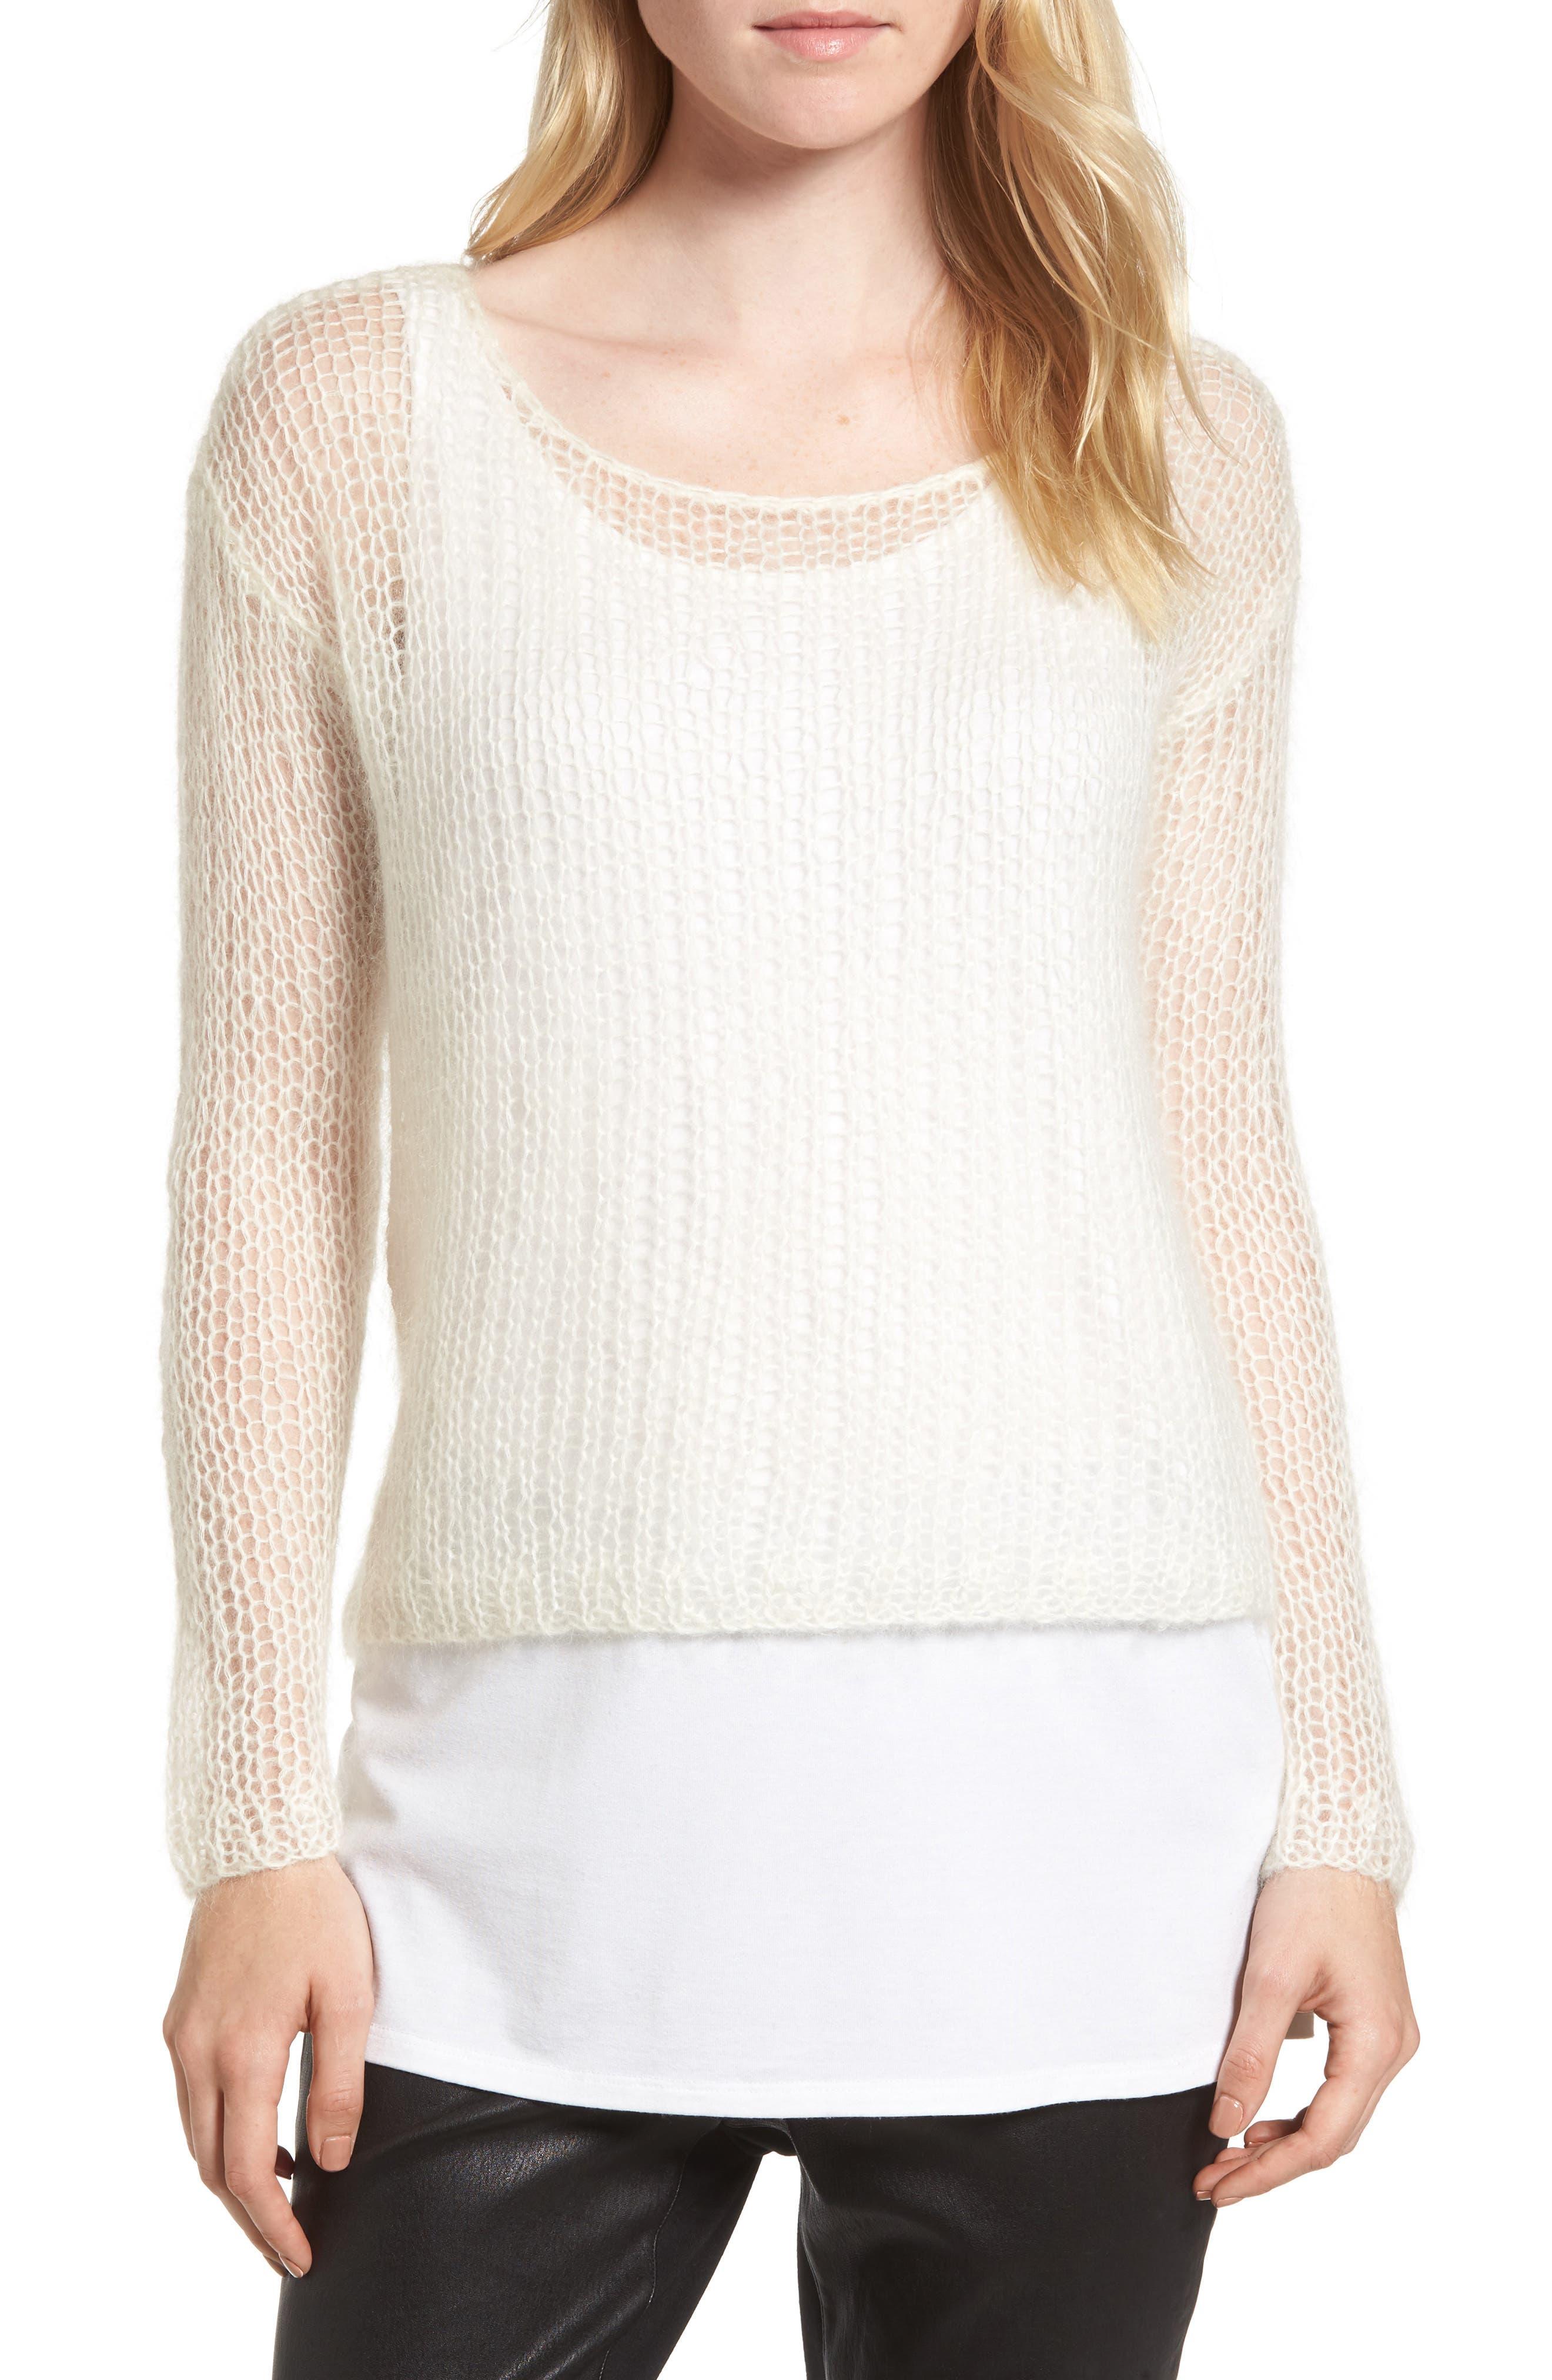 Eileen Fisher Alpaca Blend Mesh Sweater (Nordstrom Exclusive) (Regular & Petite)